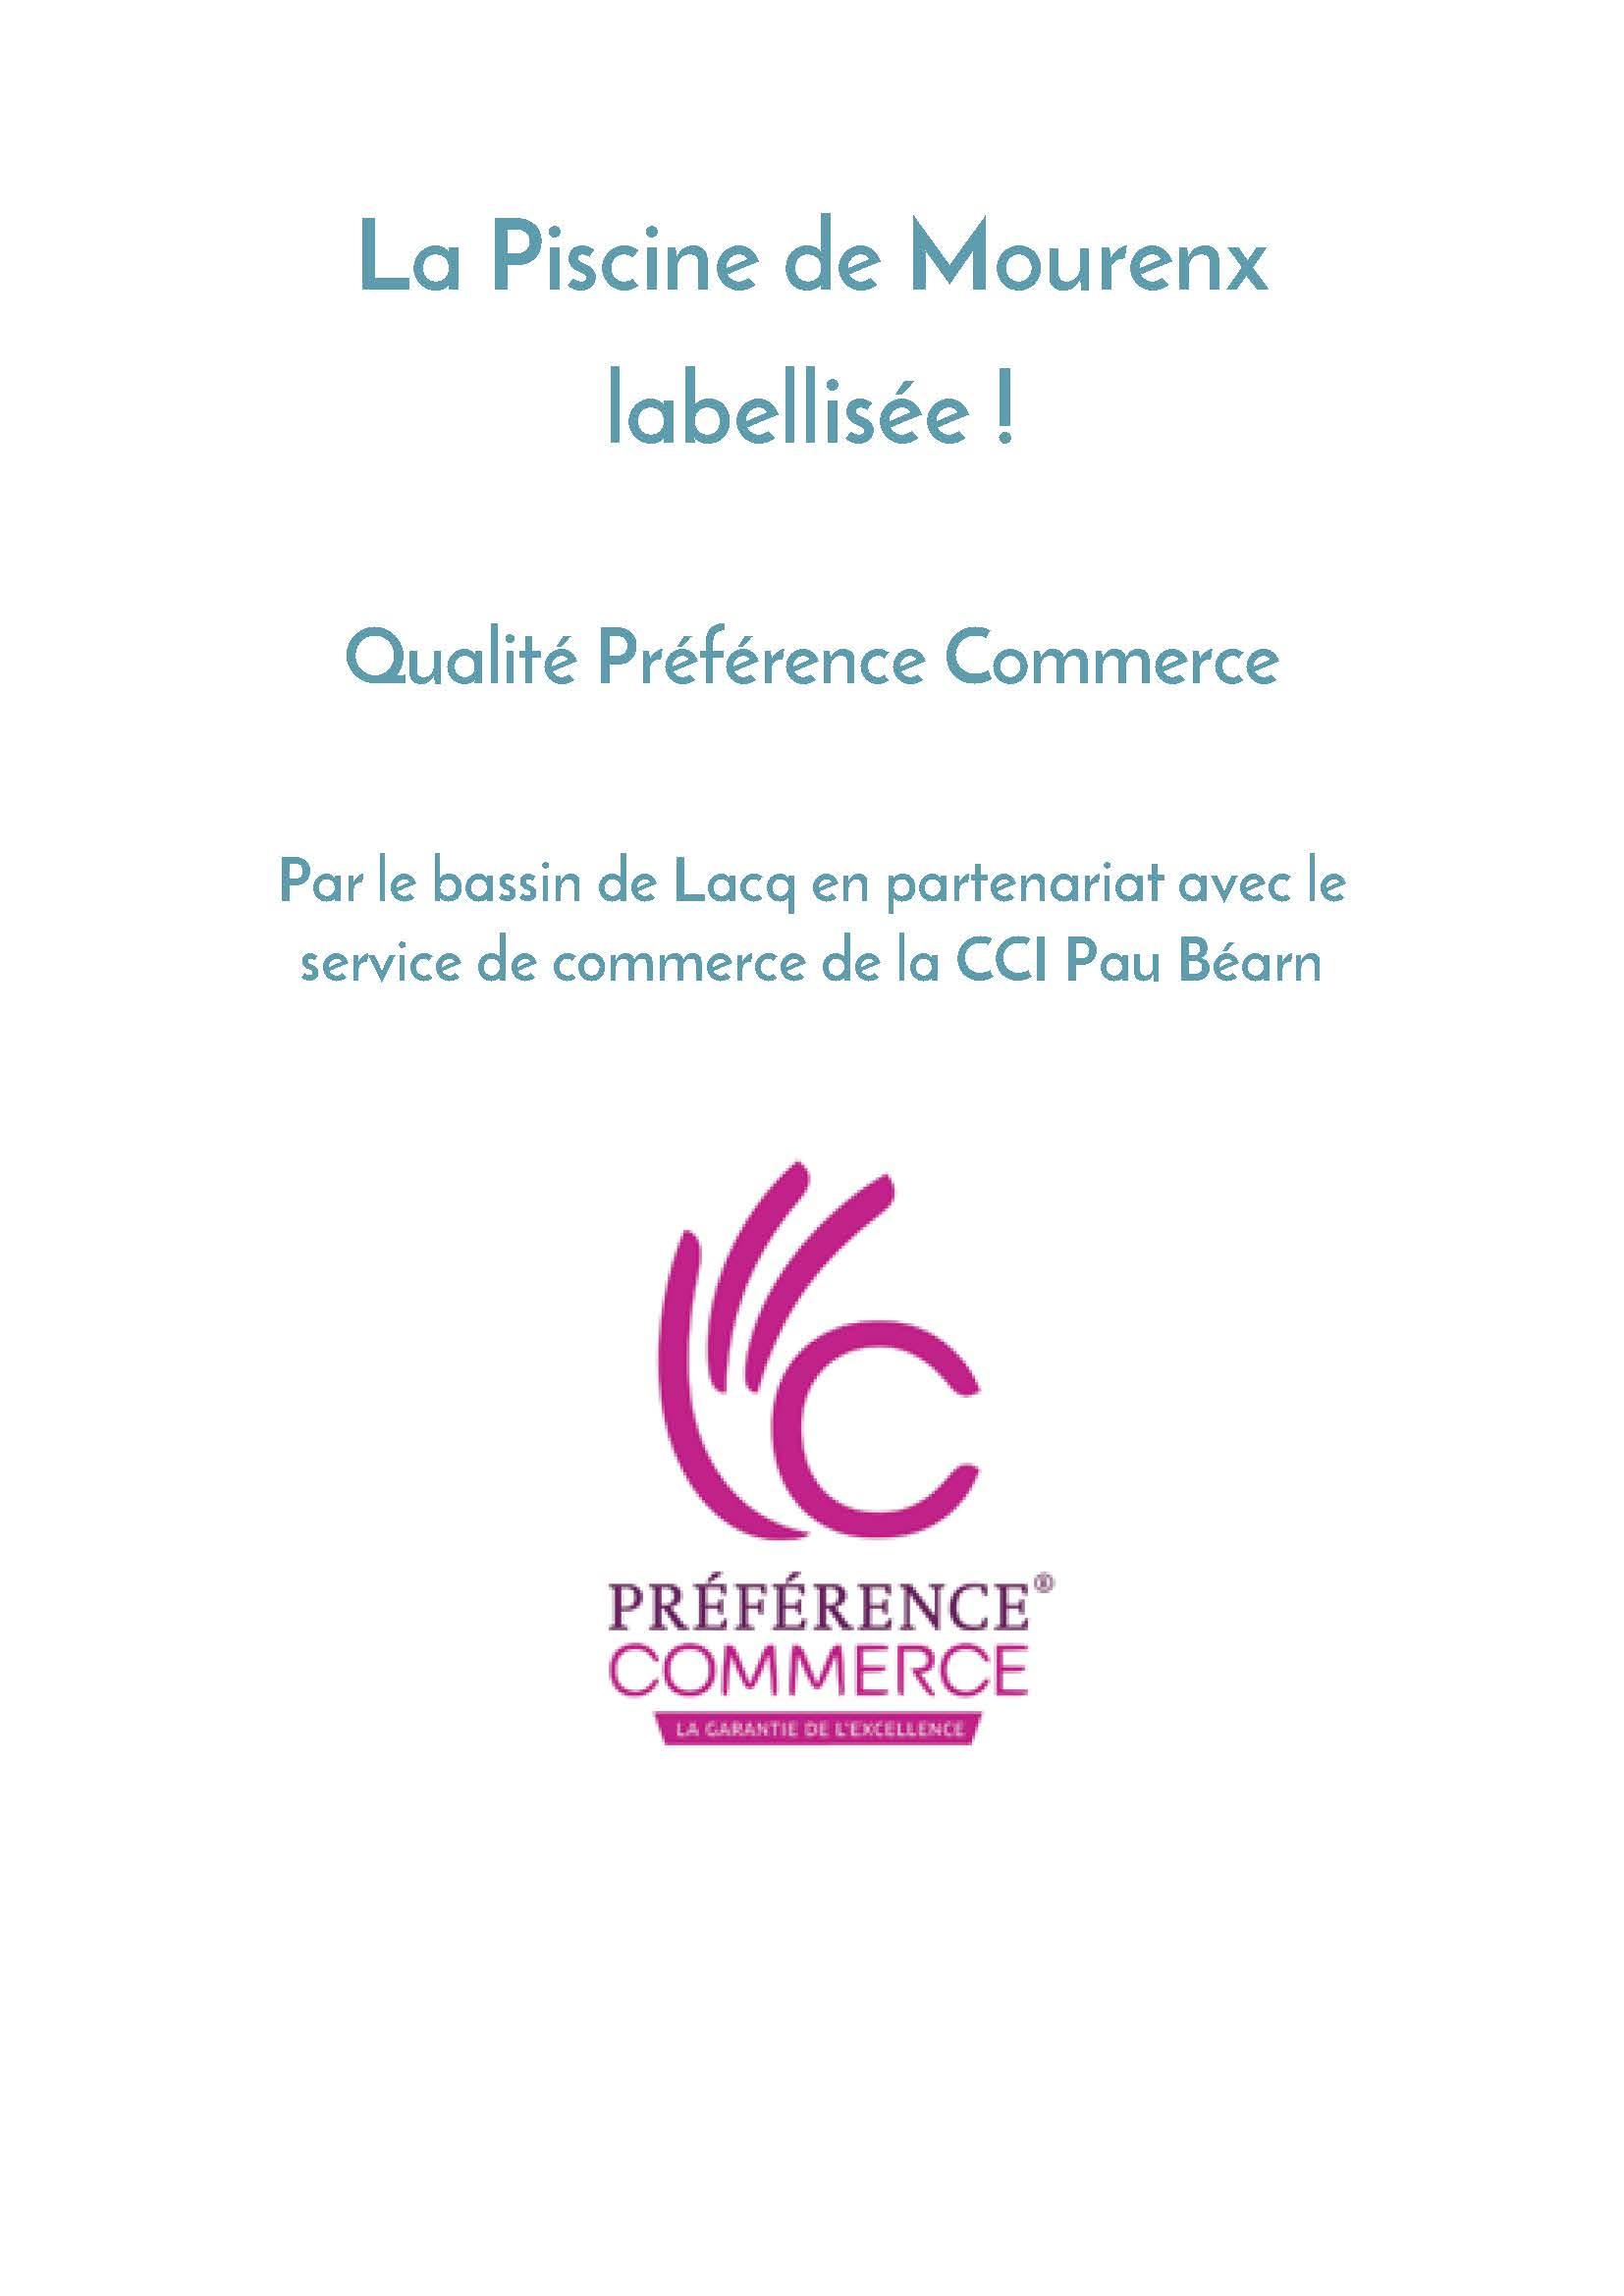 La Piscine De Mourenx Labellisé Qualité Préférence Commerce ... encequiconcerne Piscine De Mourenx